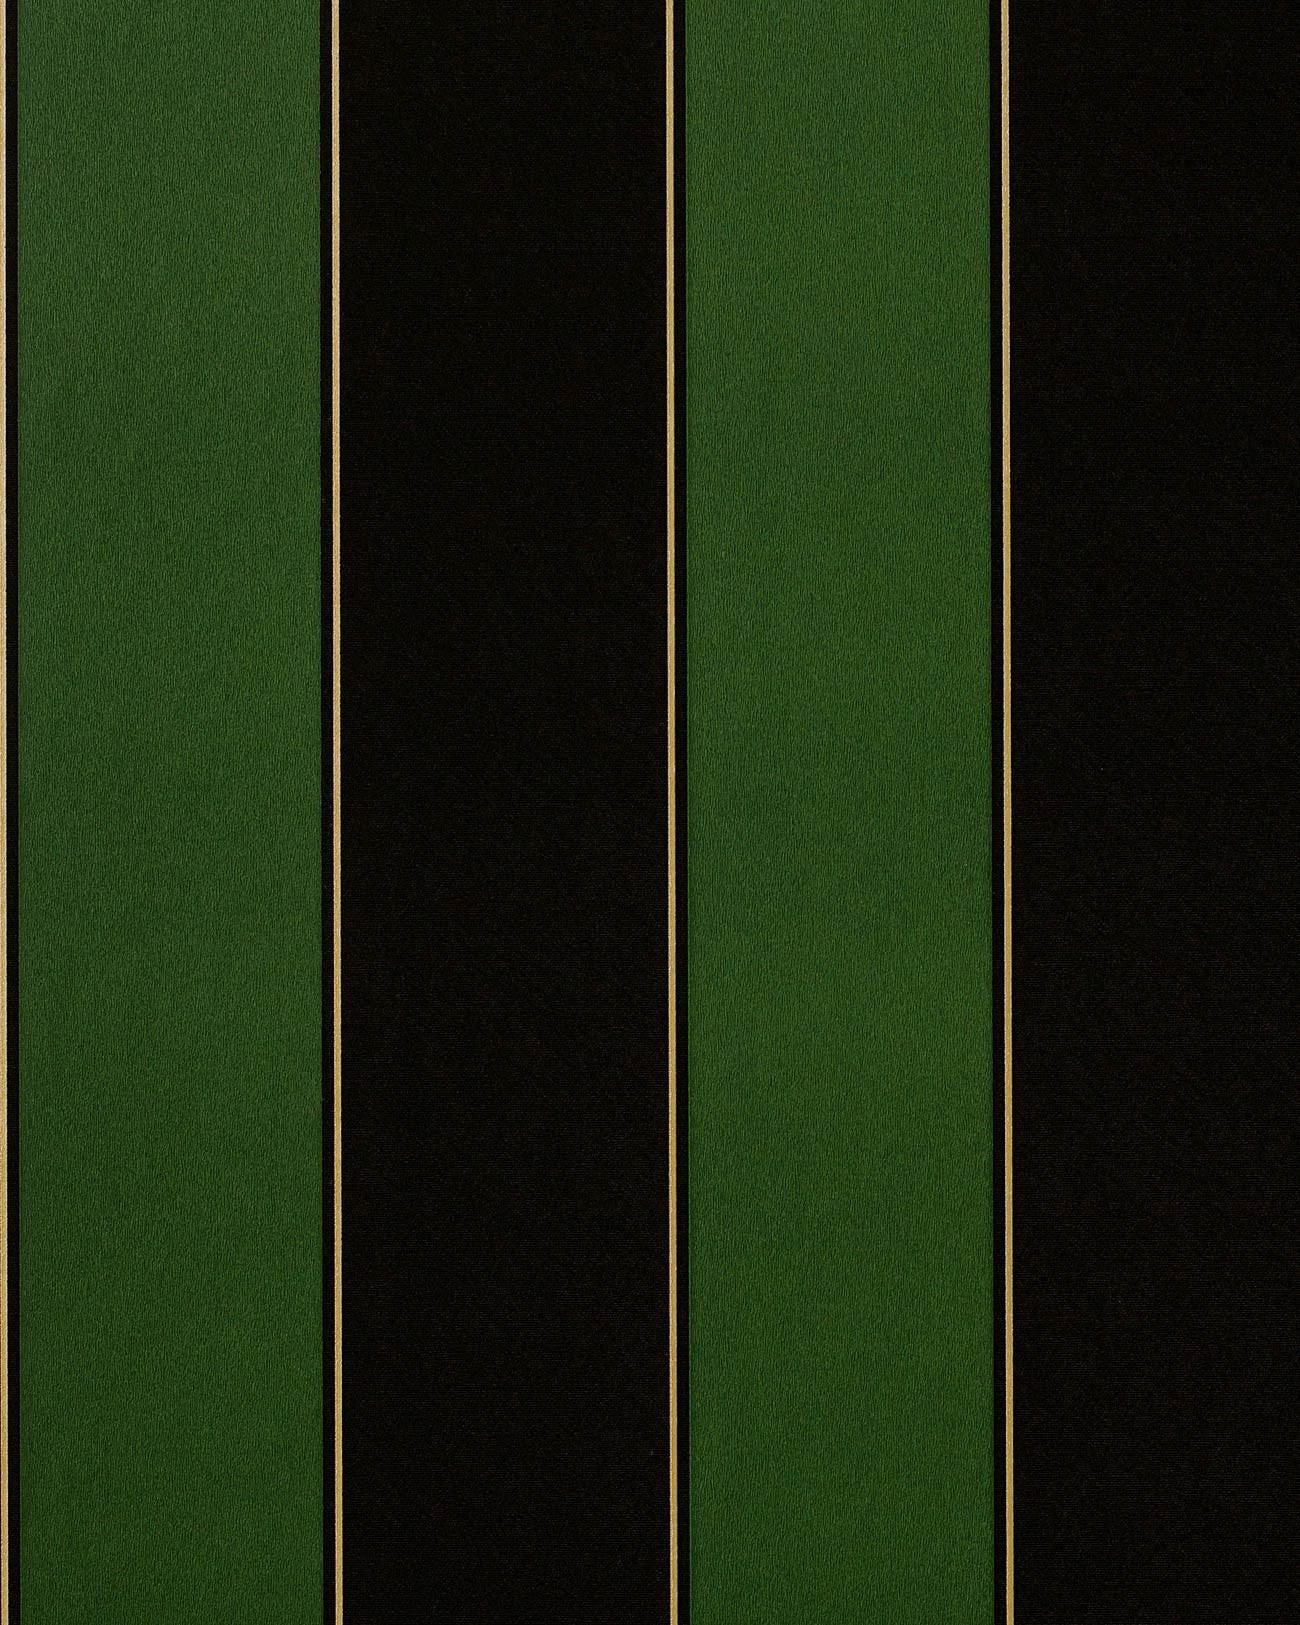 Retro Tapeten Dunkelgr?n : Emerald Green Stripe Wallpaper